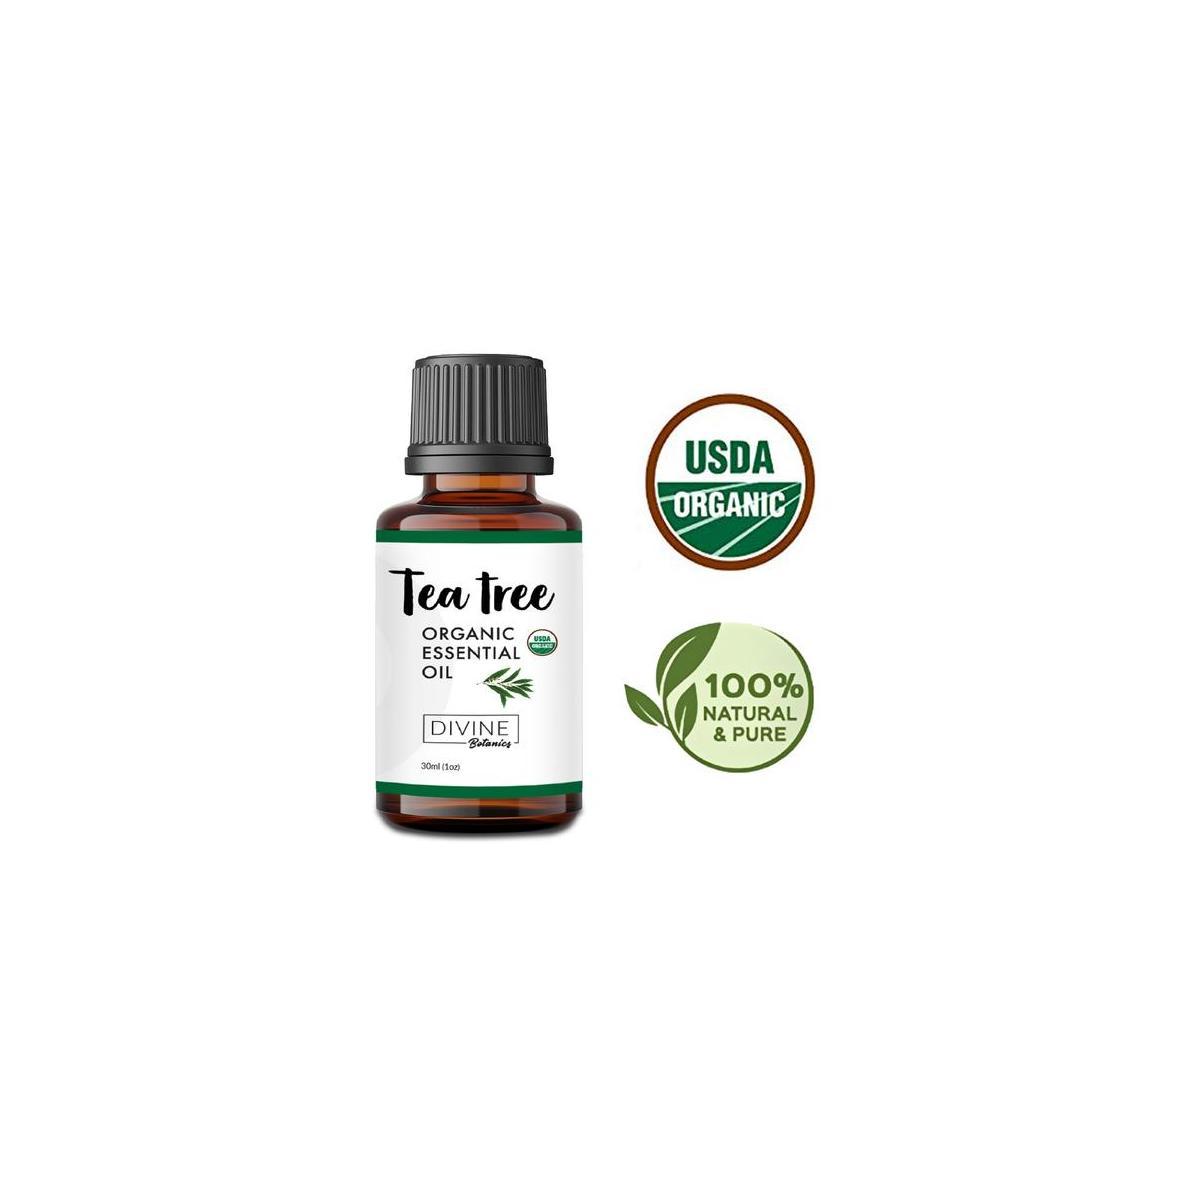 USDA Organic Tea Tree Essential Oil